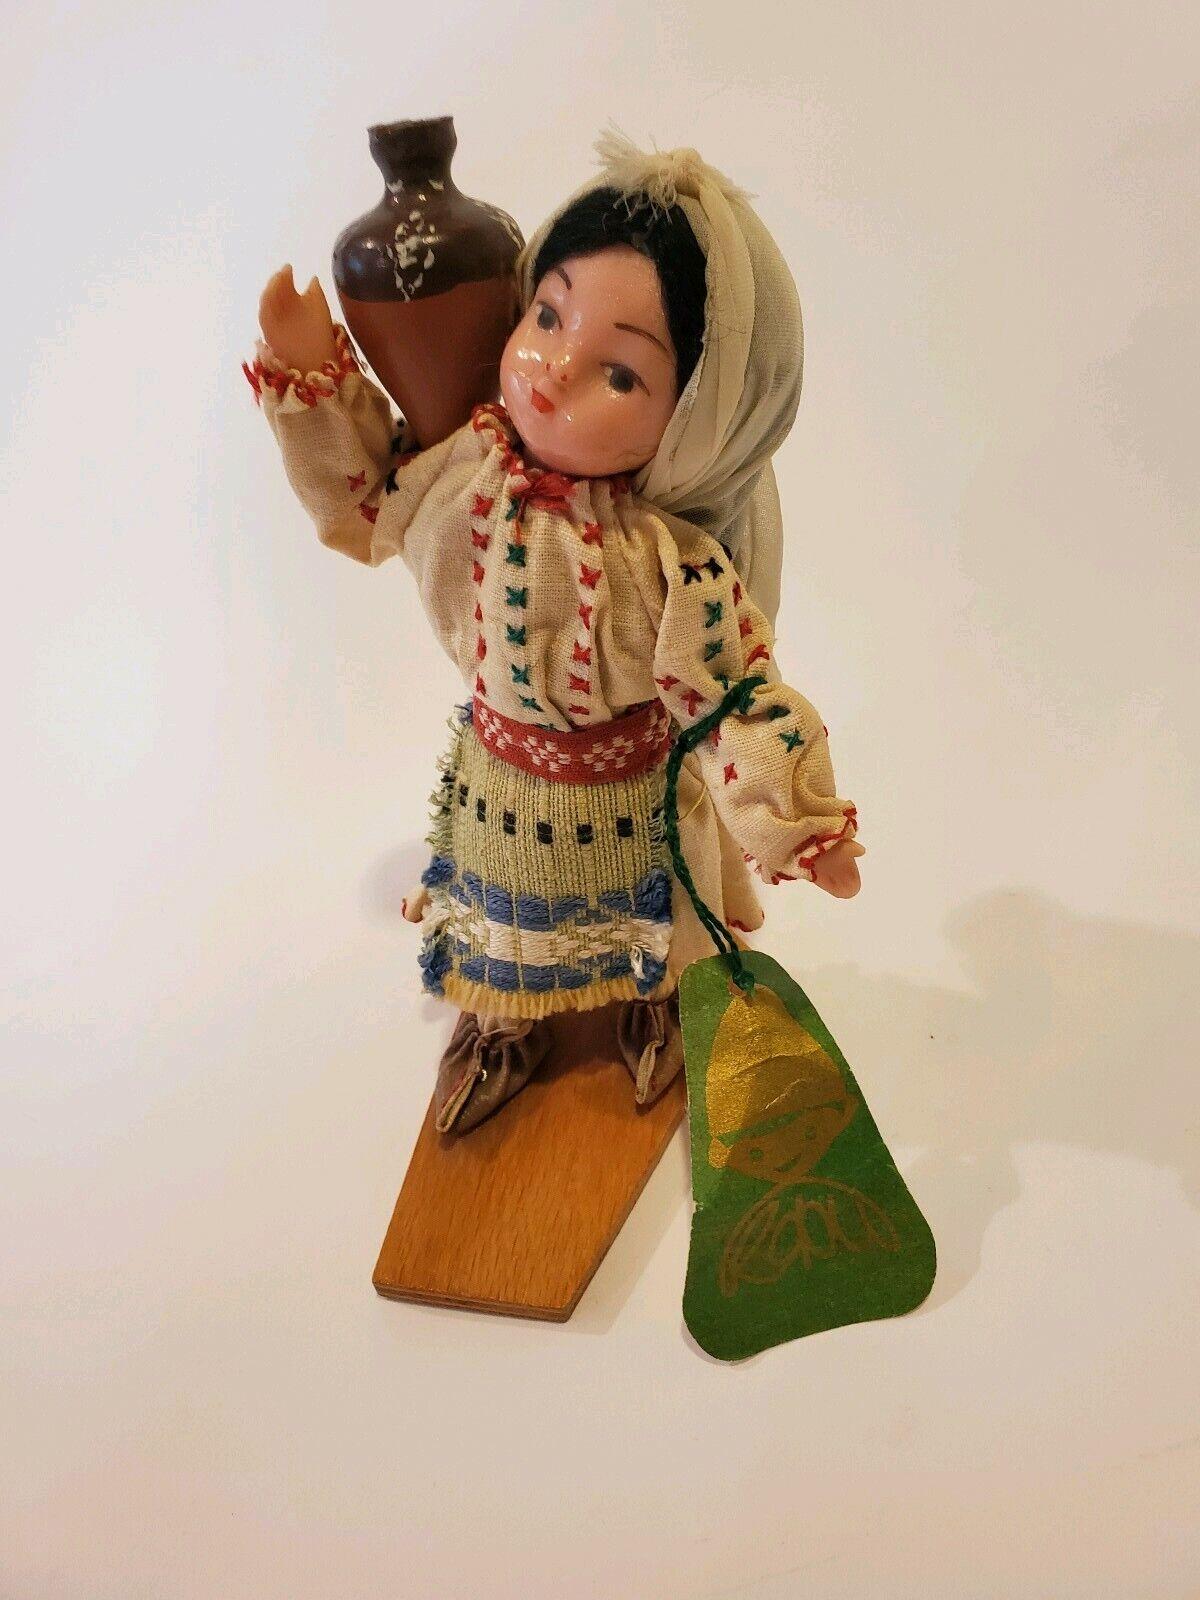 Rusia Soviética URSS Vintage Muñeca de Plástico 5  Paños étnicos hecho a mano con etiqueta D3